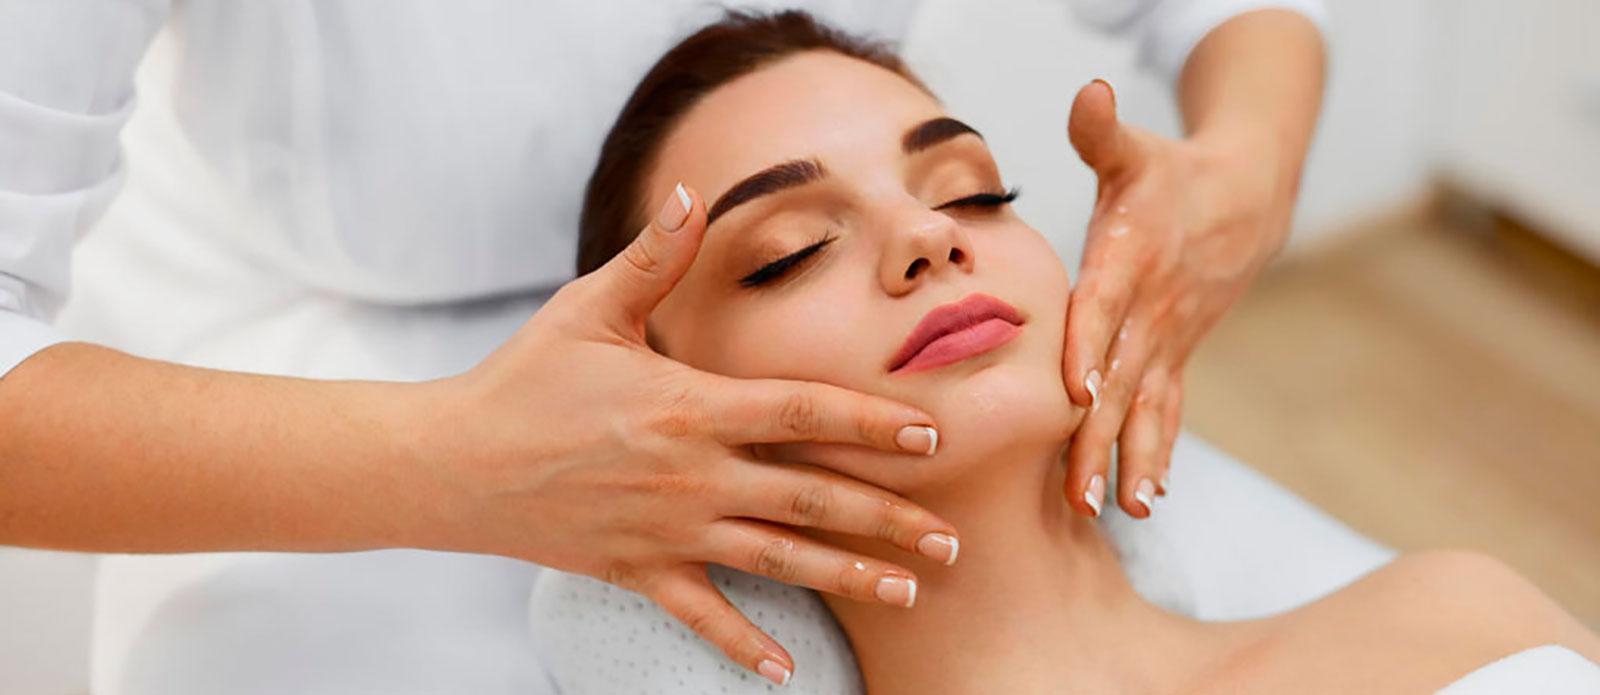 Плюсы профессионального массажа для лица